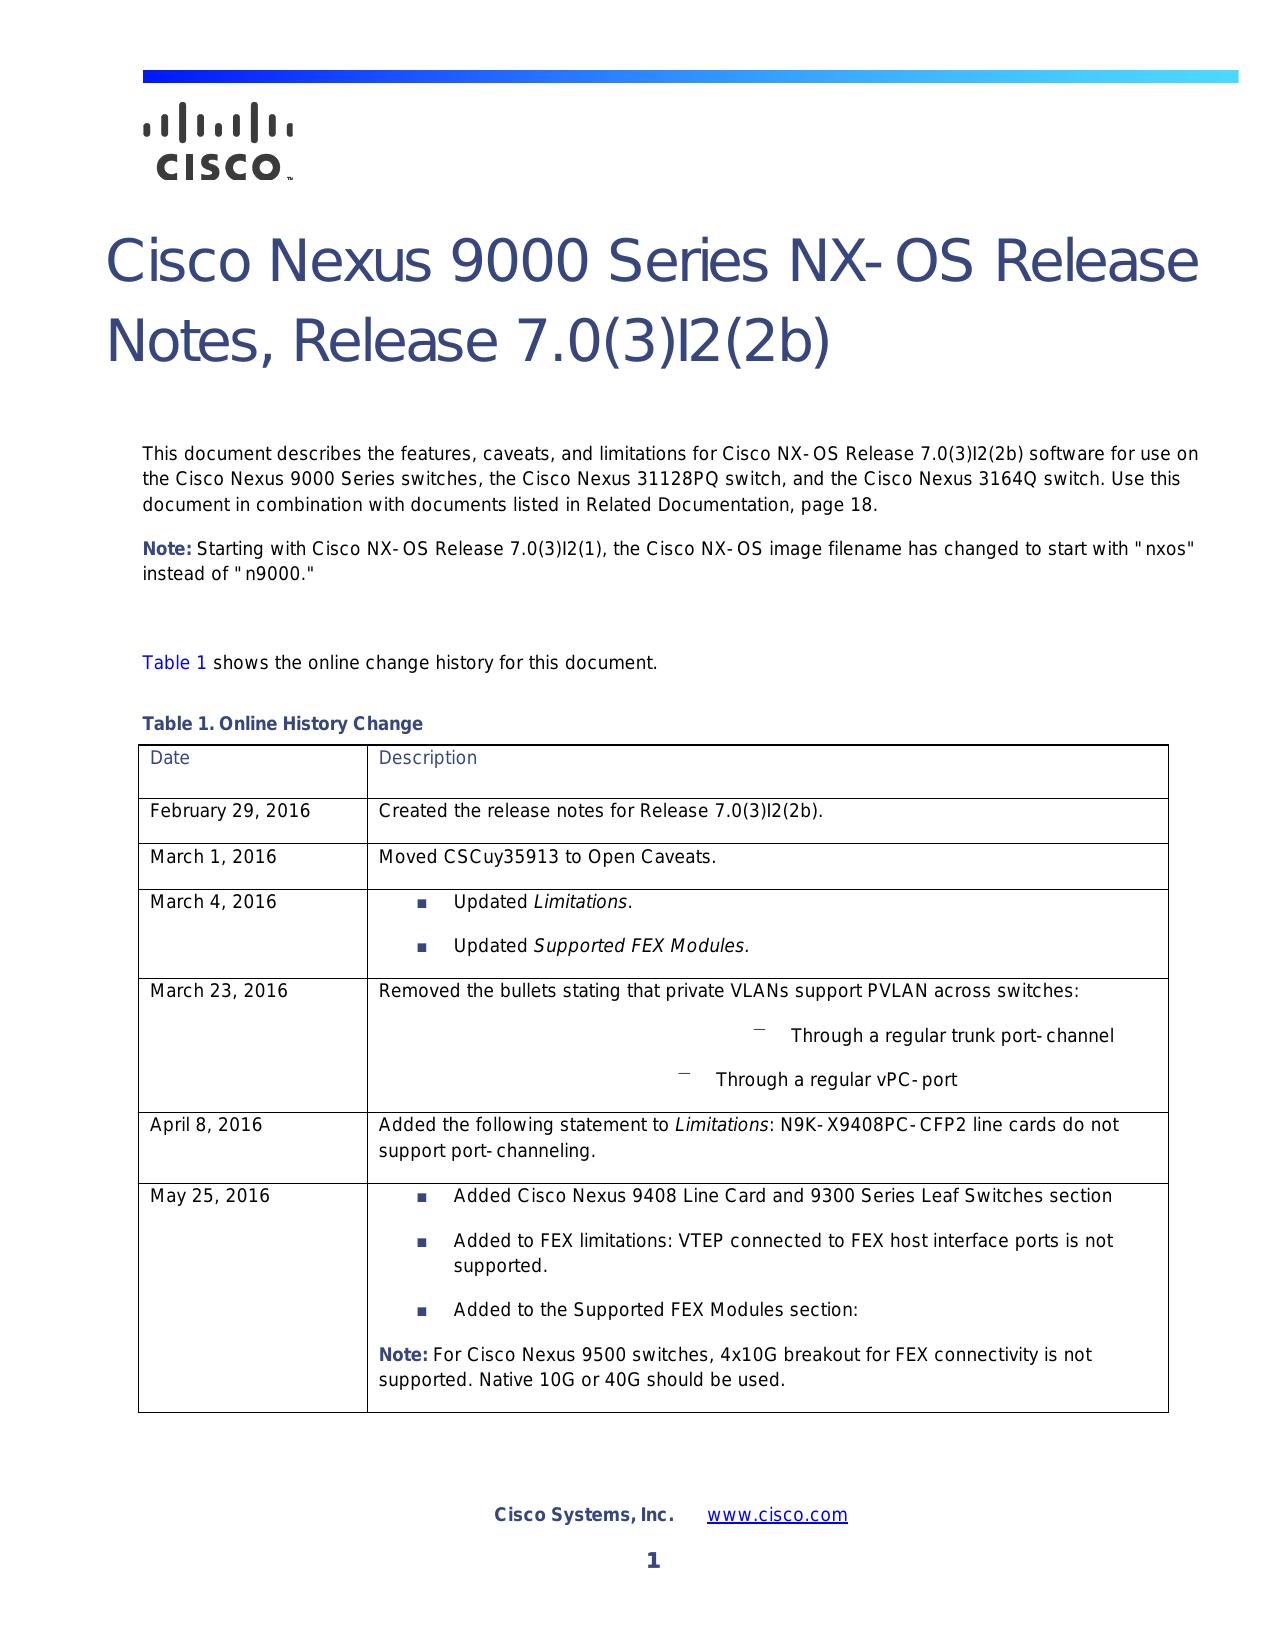 Cisco Nexus 9000 Series NX-OS Release Notes, Release 7 0(3